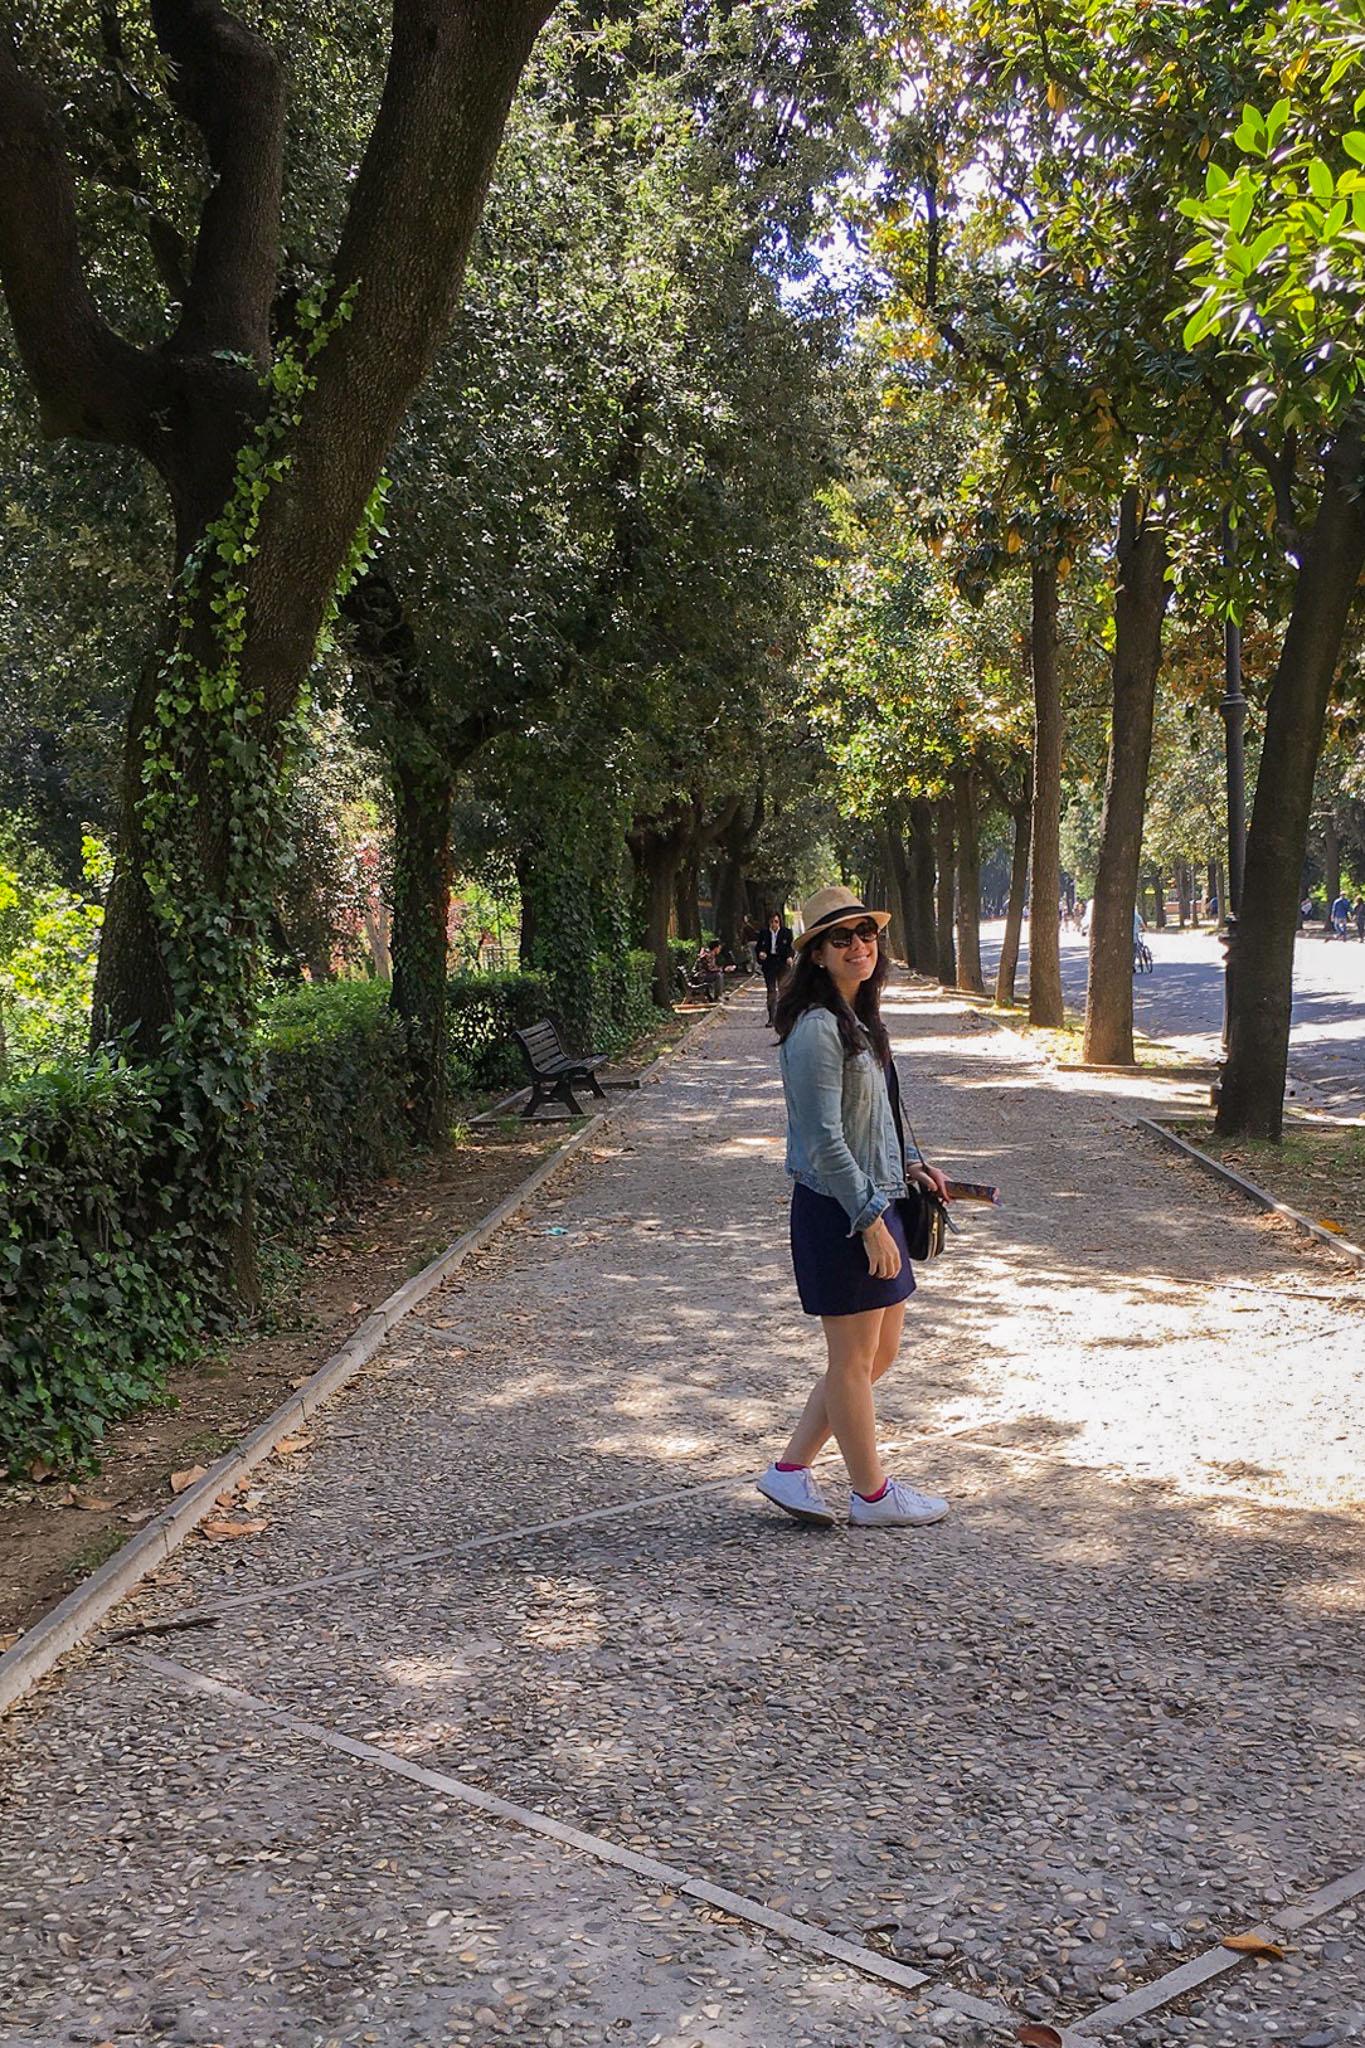 Walking through Villa Borghese